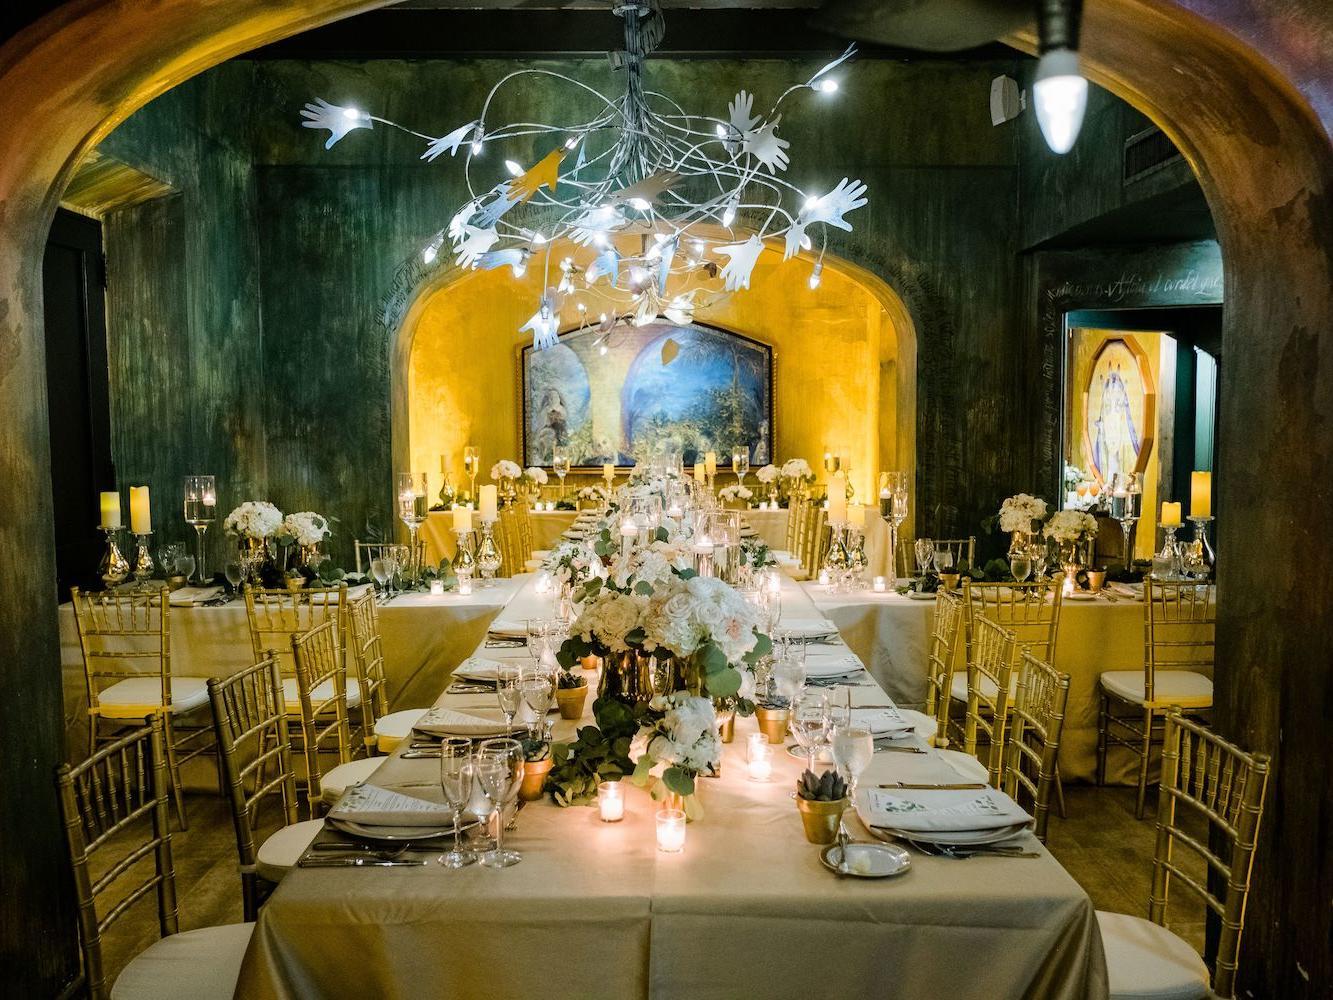 Salon Martorell El Convento Weddings